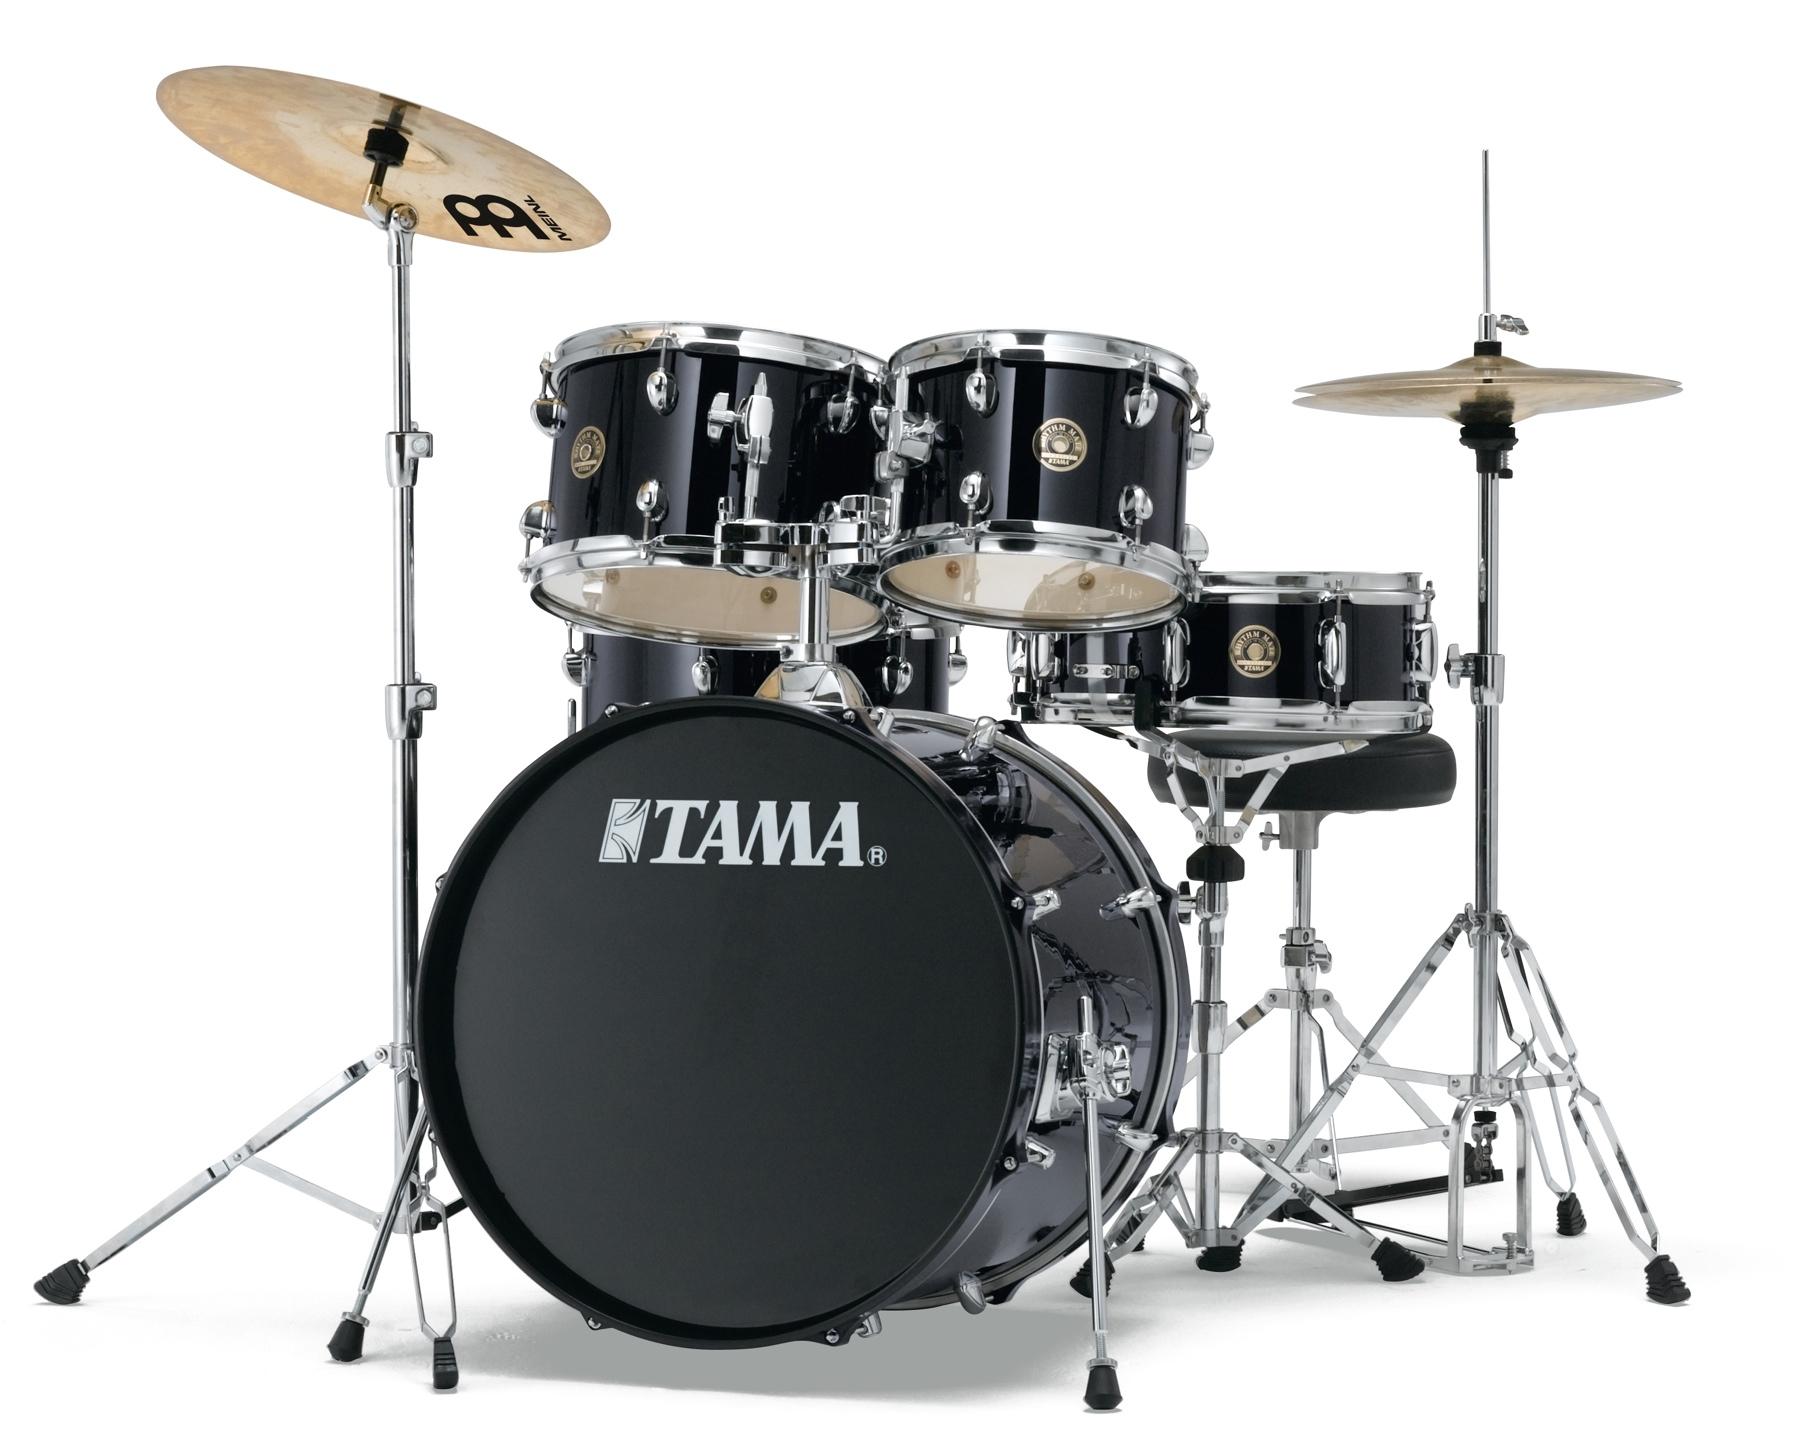 Billede af Tama Rhythm Mate Studio Trommesæt Charcoal mist